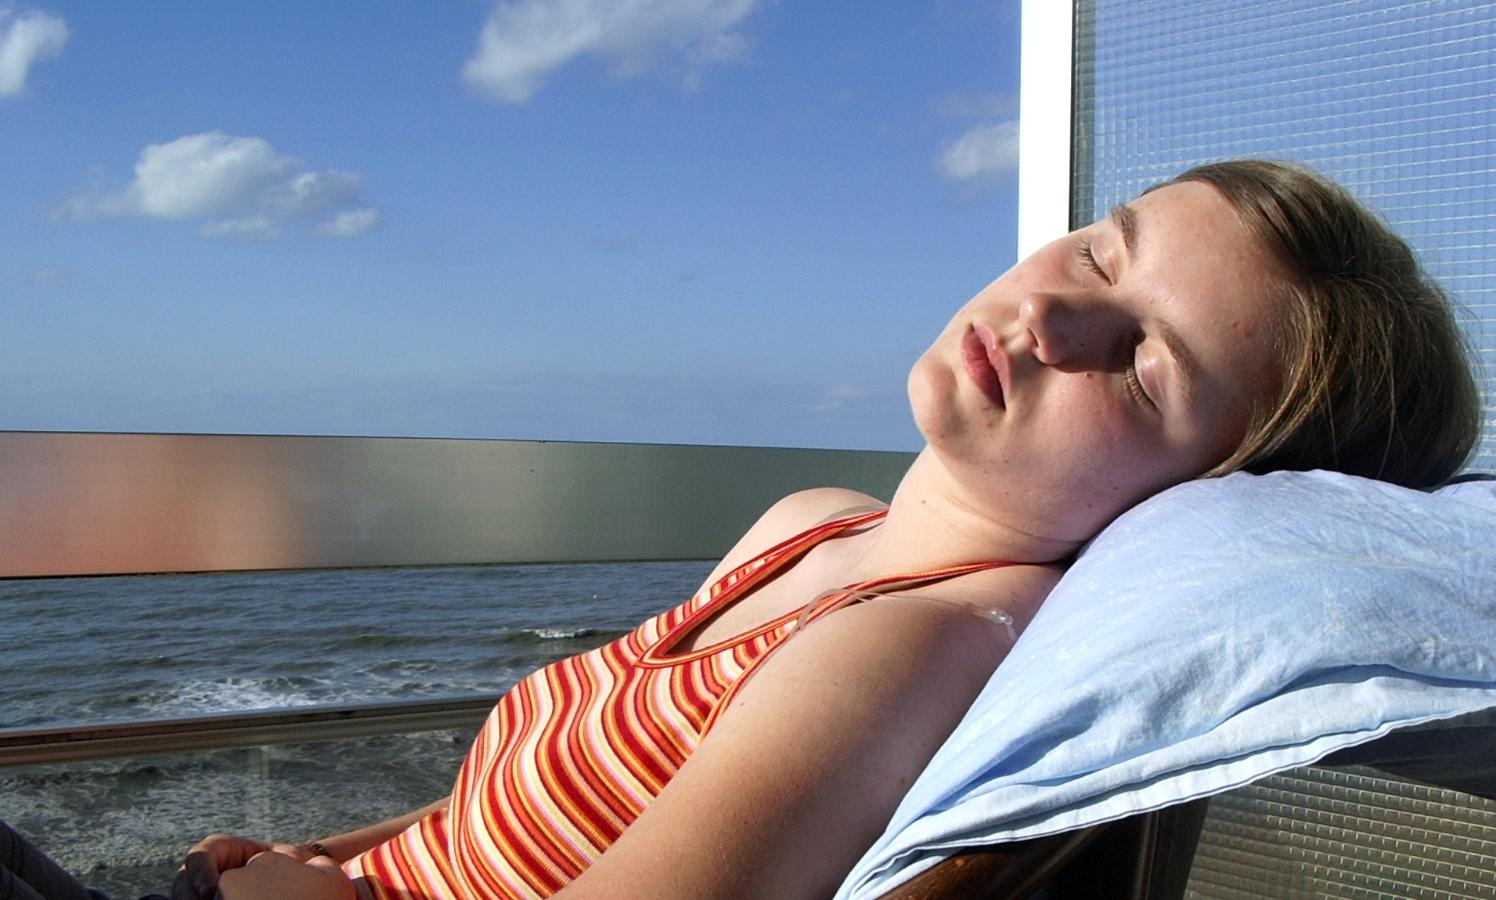 Un estudio confirma que la siesta puede ayudar al rendimiento de los adolescentes en la escuela